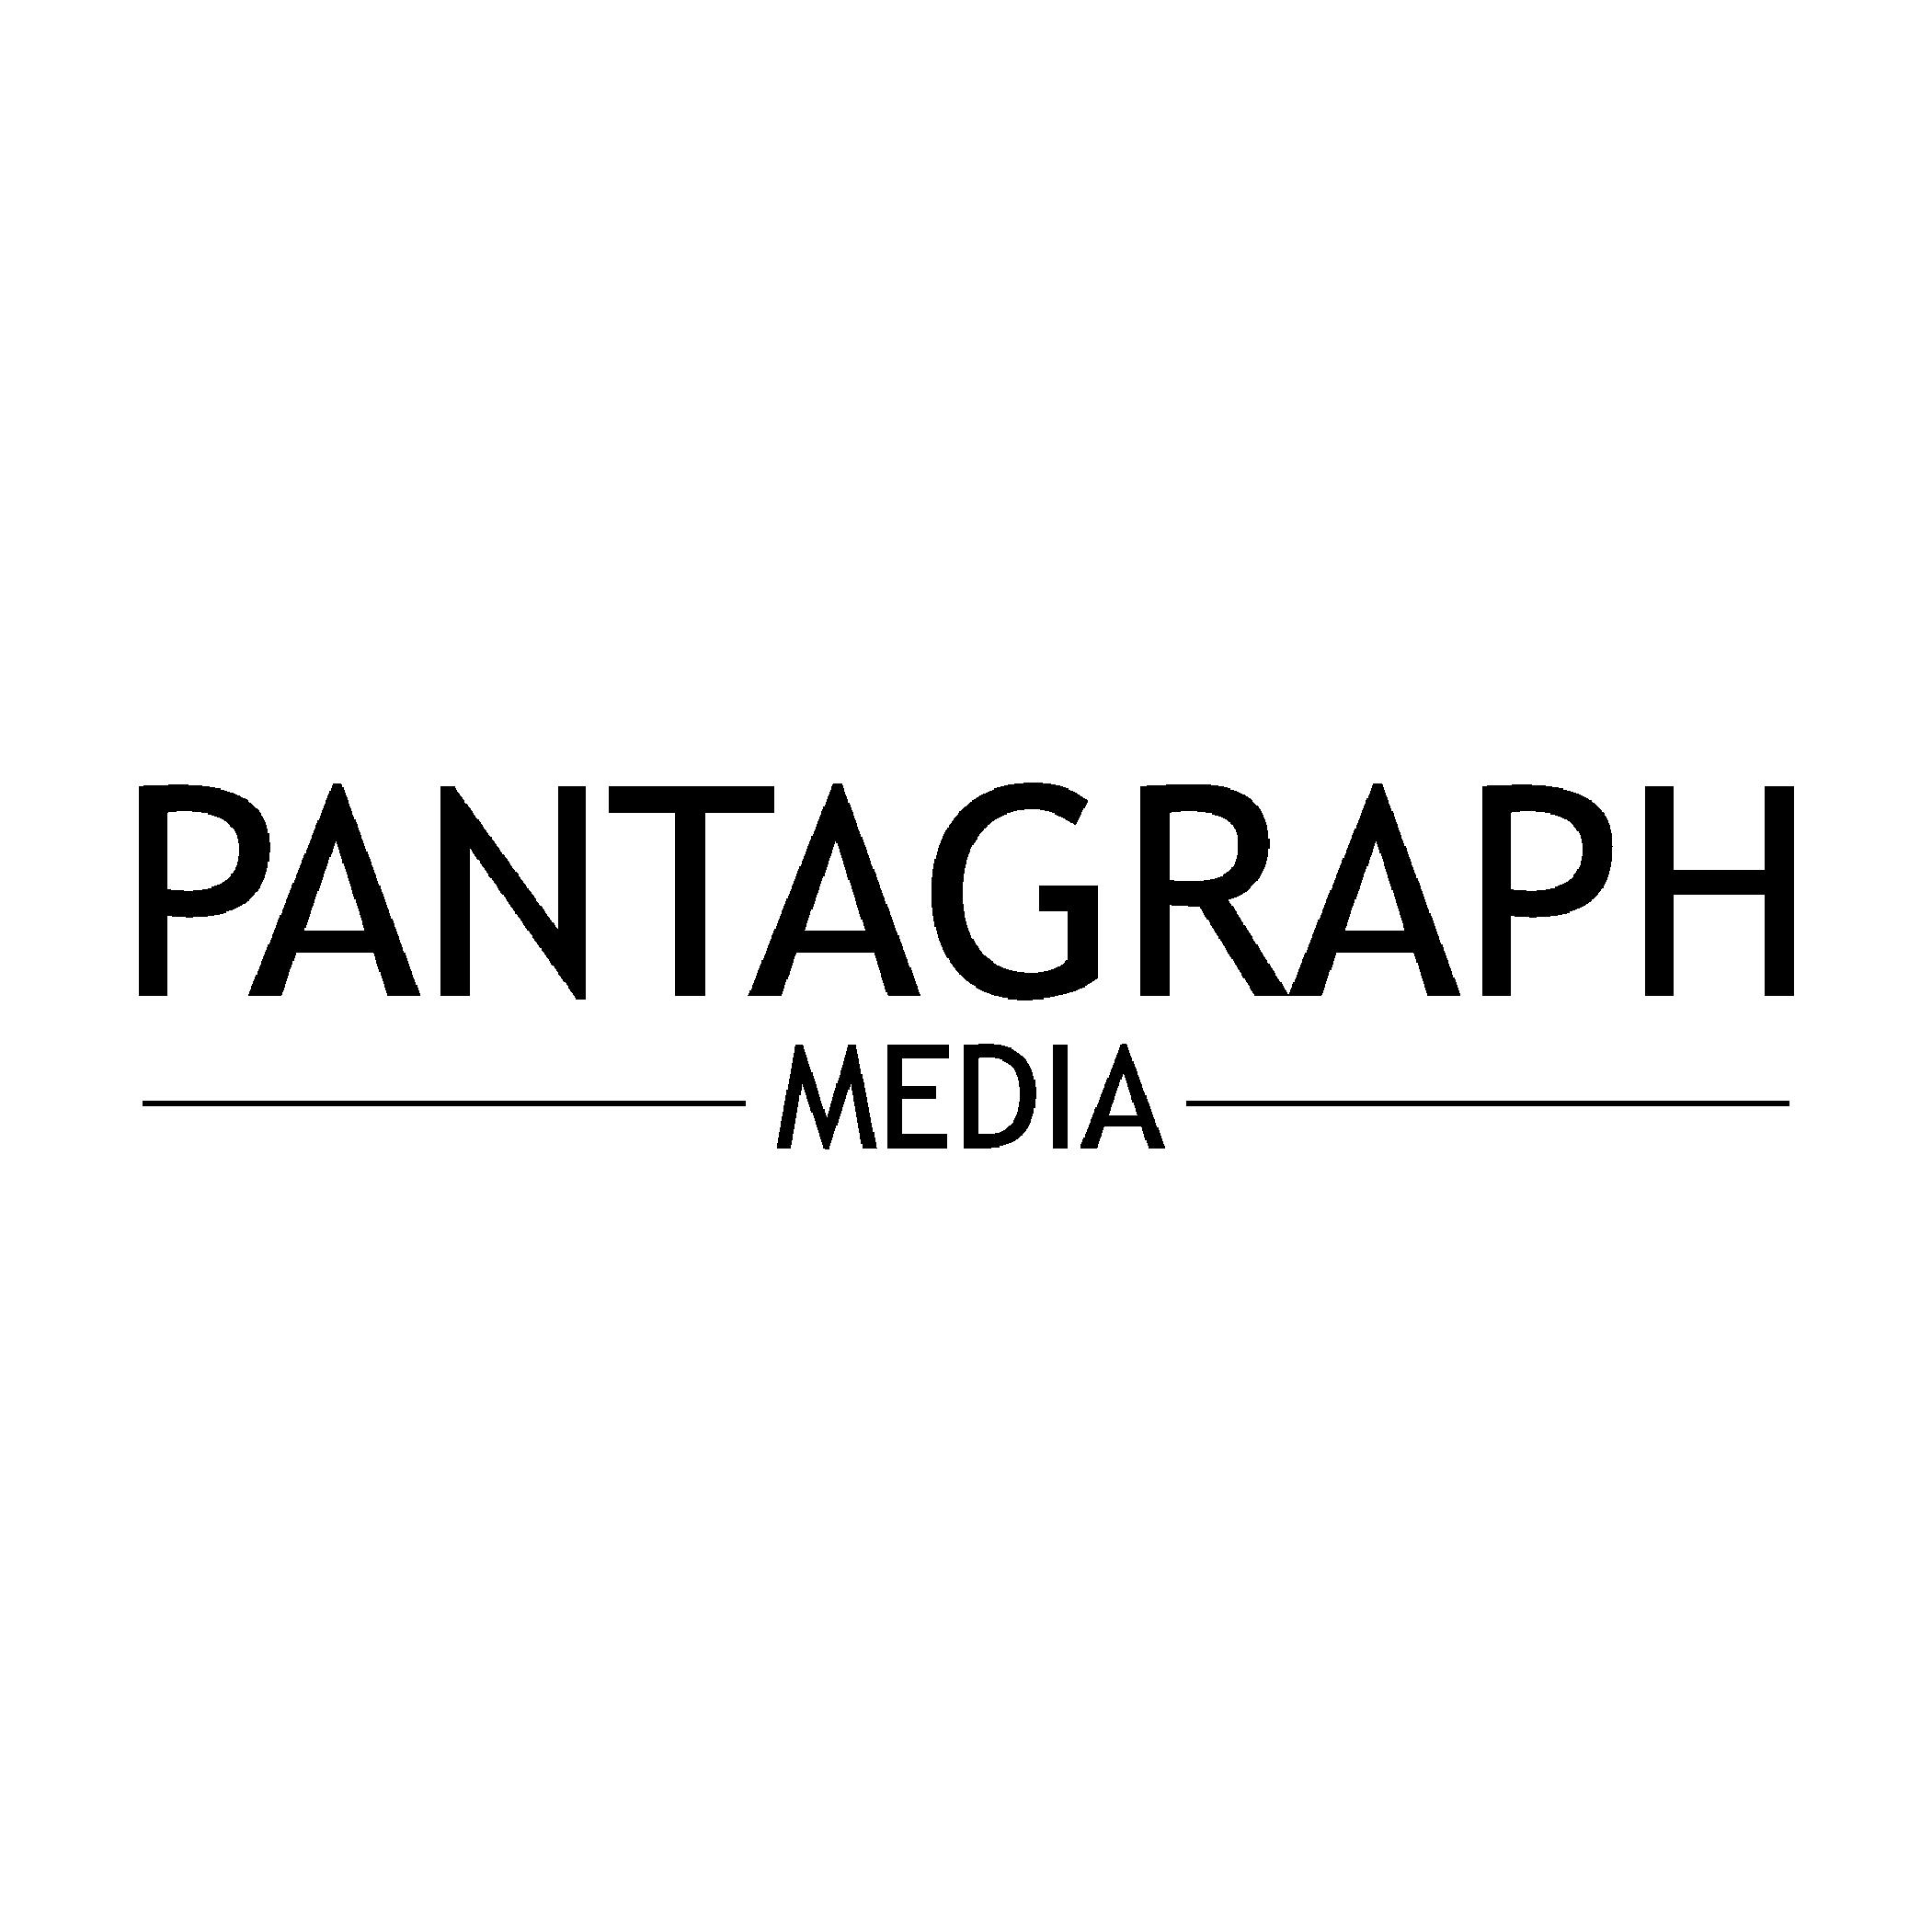 Pantagraph Media